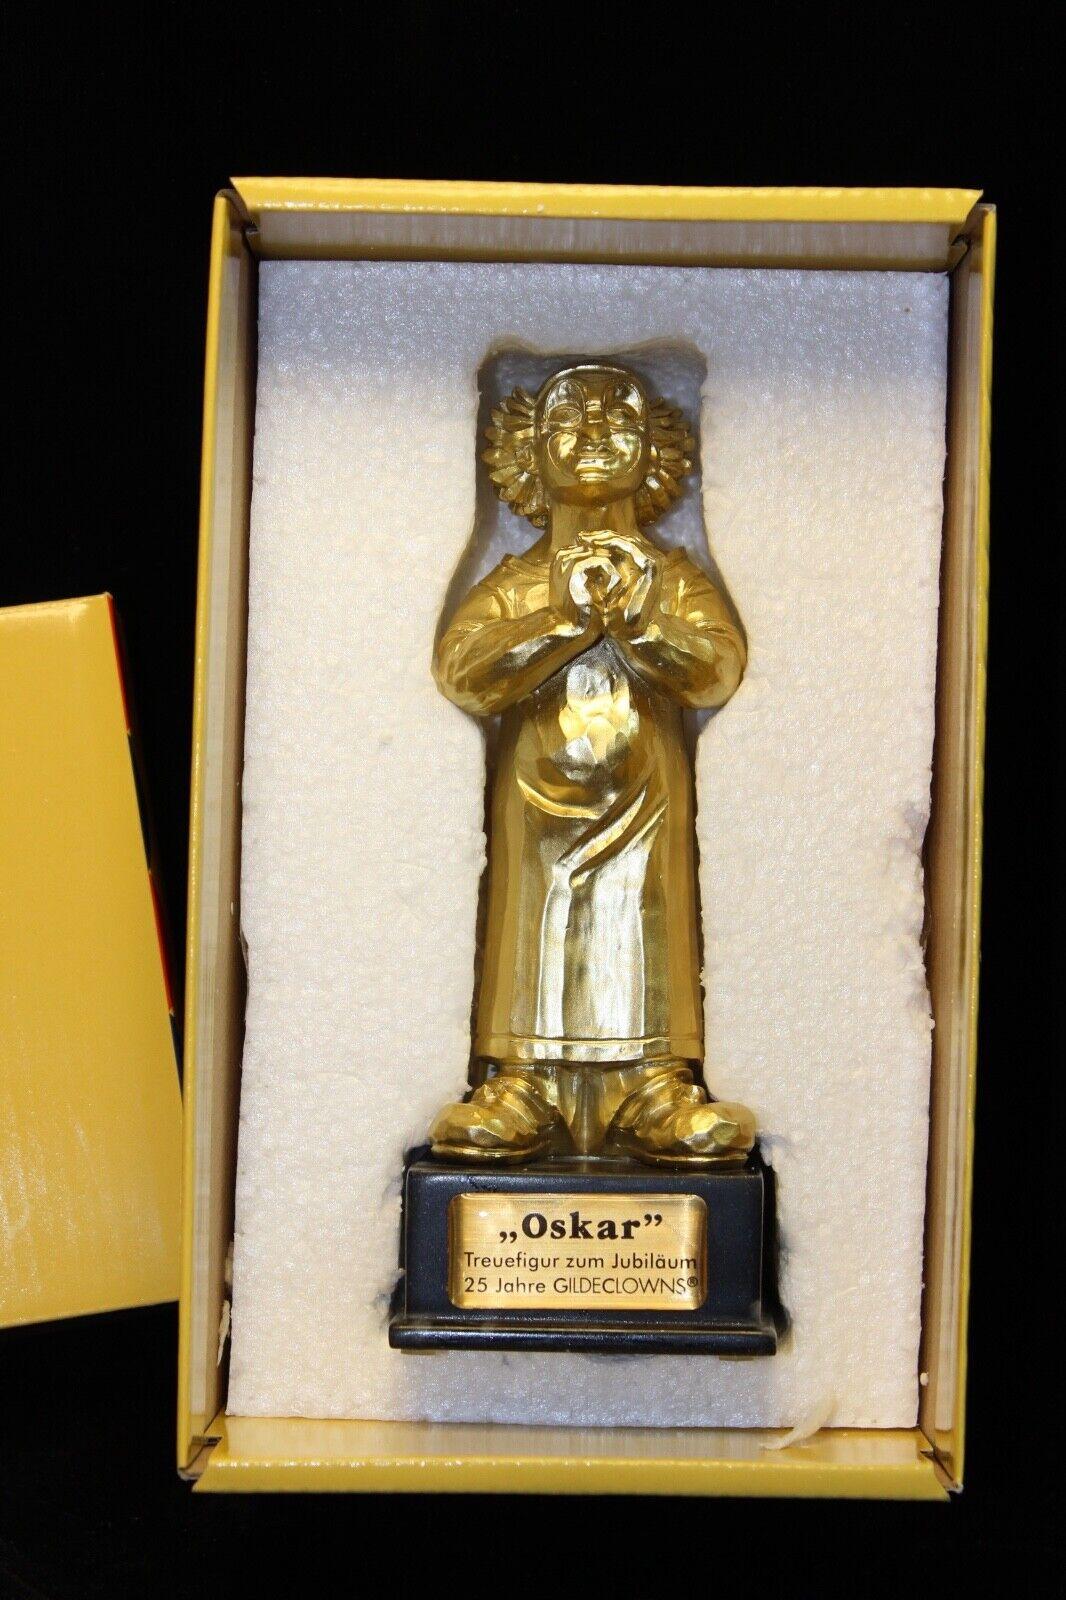 8 Gilda Pagliaccio in Gituttio autotone di Collezione oro Oskar 10200 Deco Pezzi